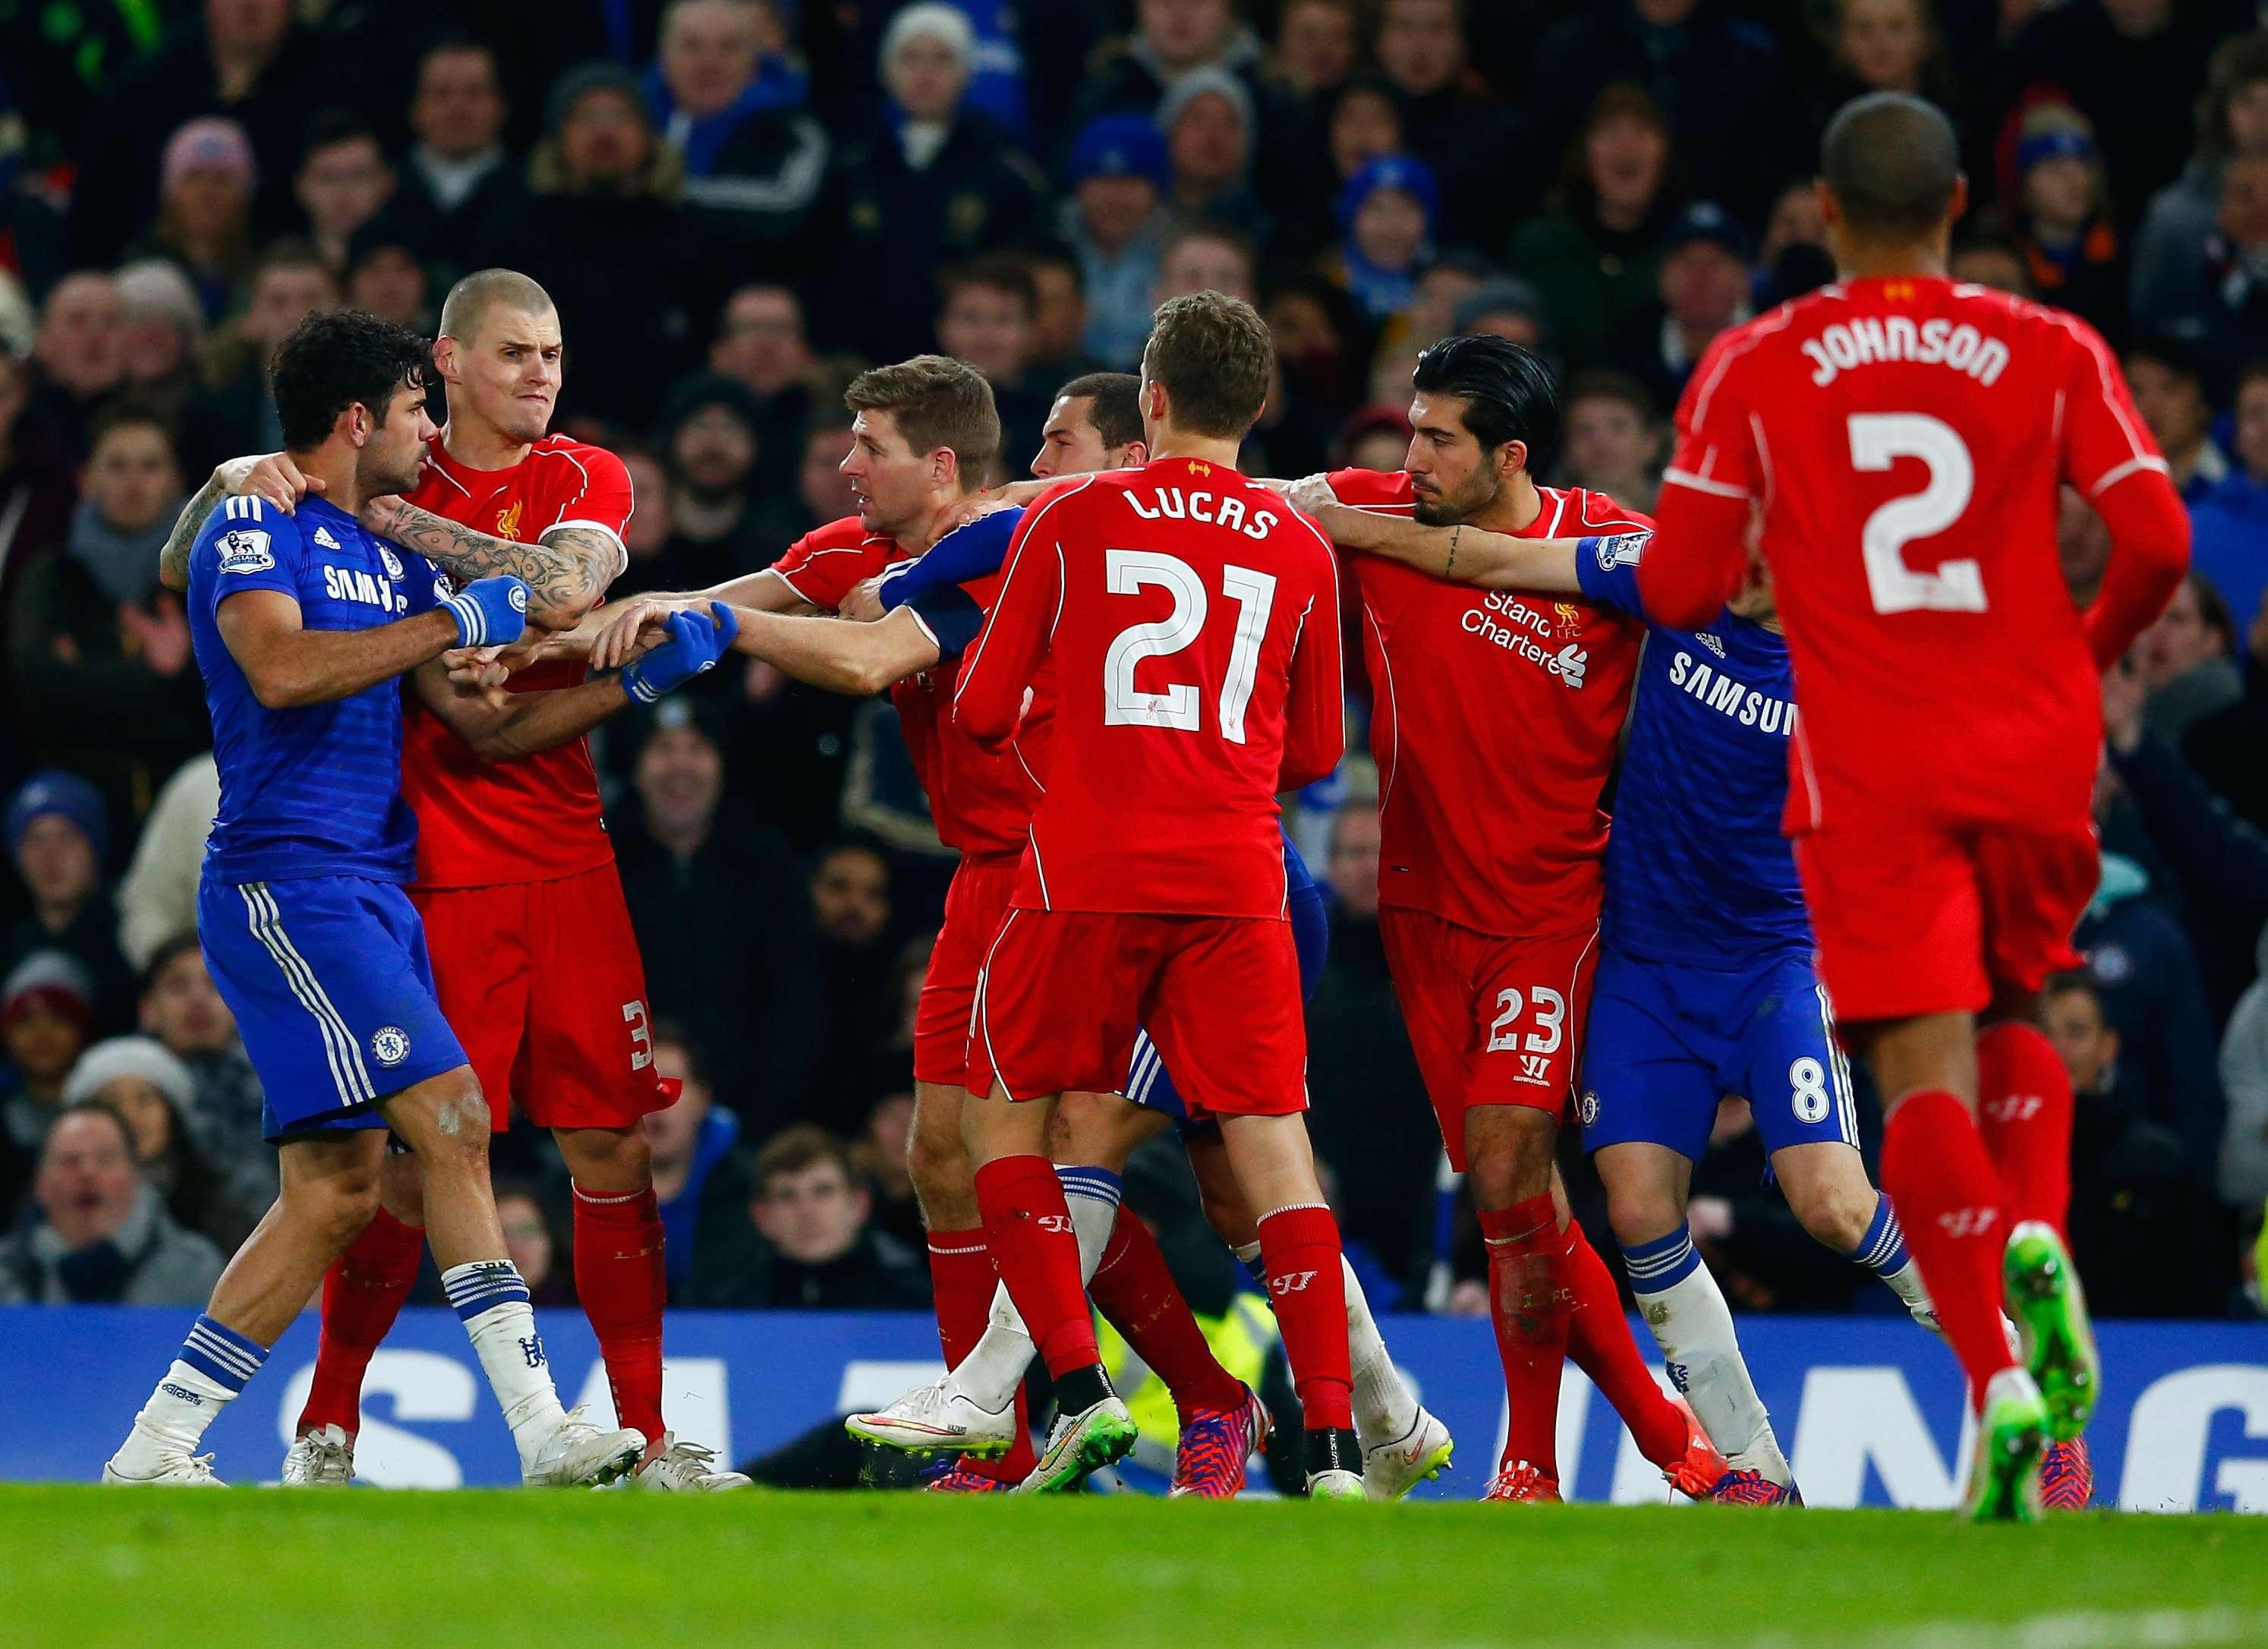 Diego Costa protagonizó una polémica jugada con Emre Can. Foto: Getty Images